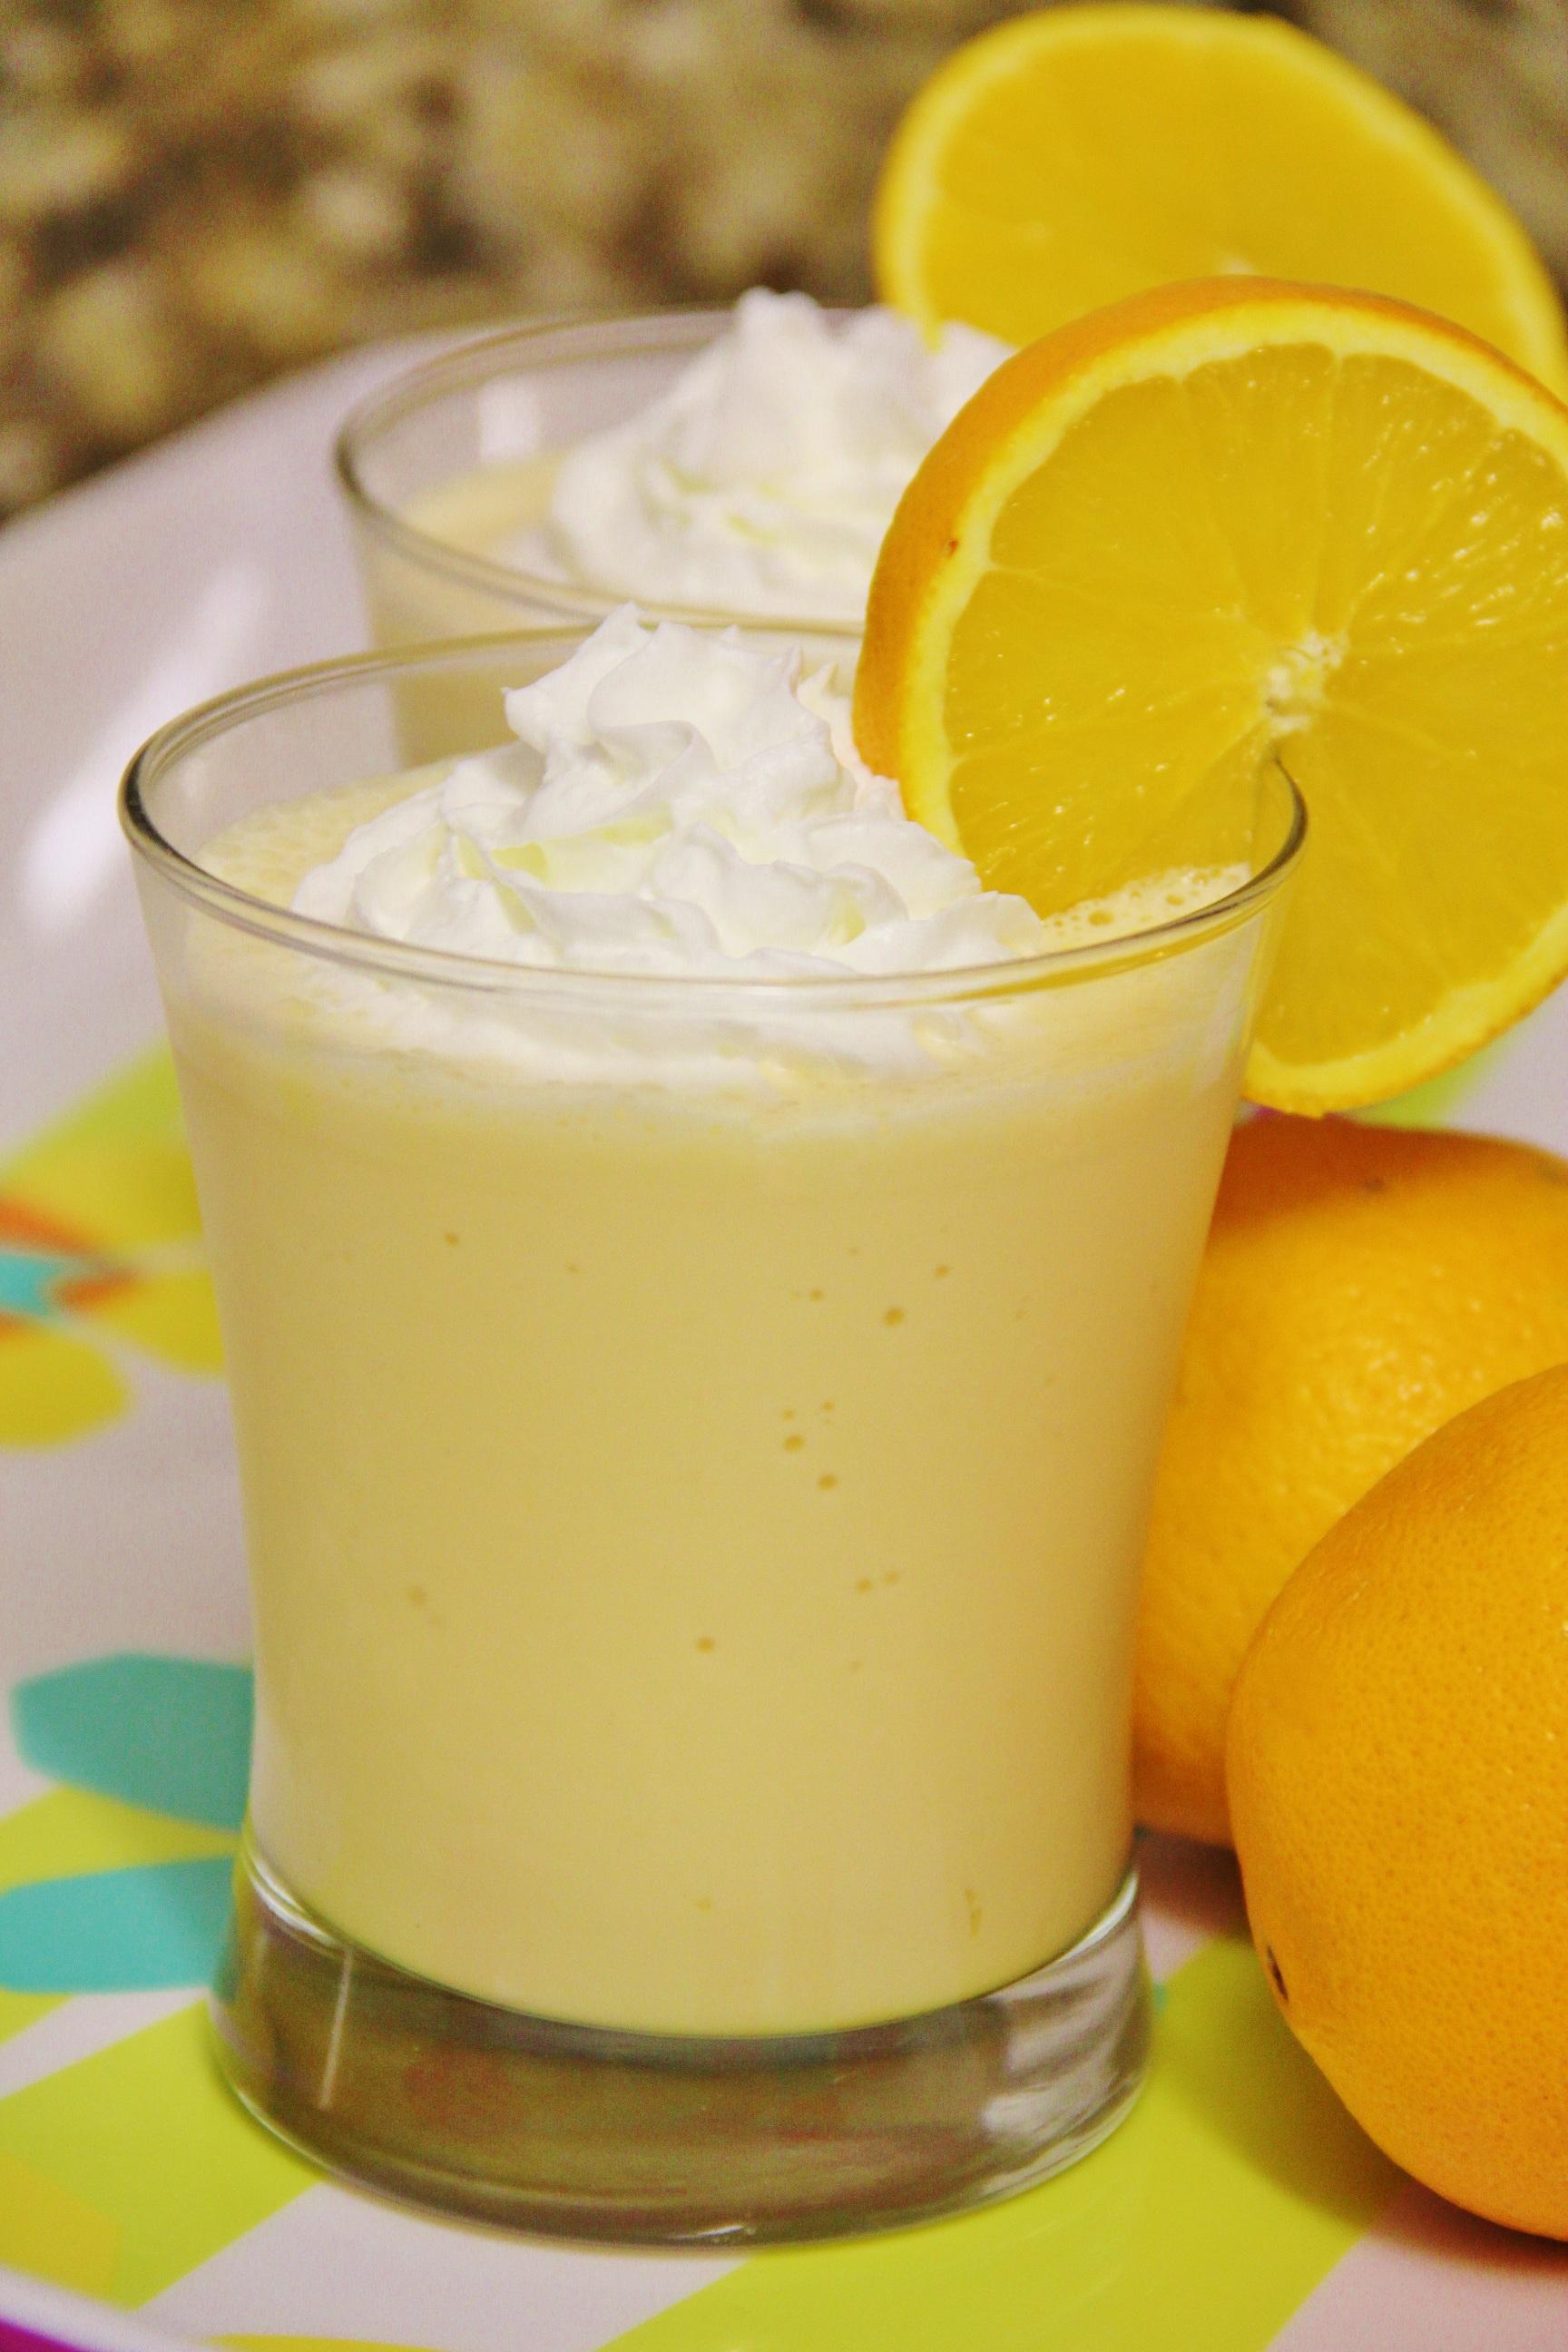 Как сделать молочный коктейль в домашних условиях с соком